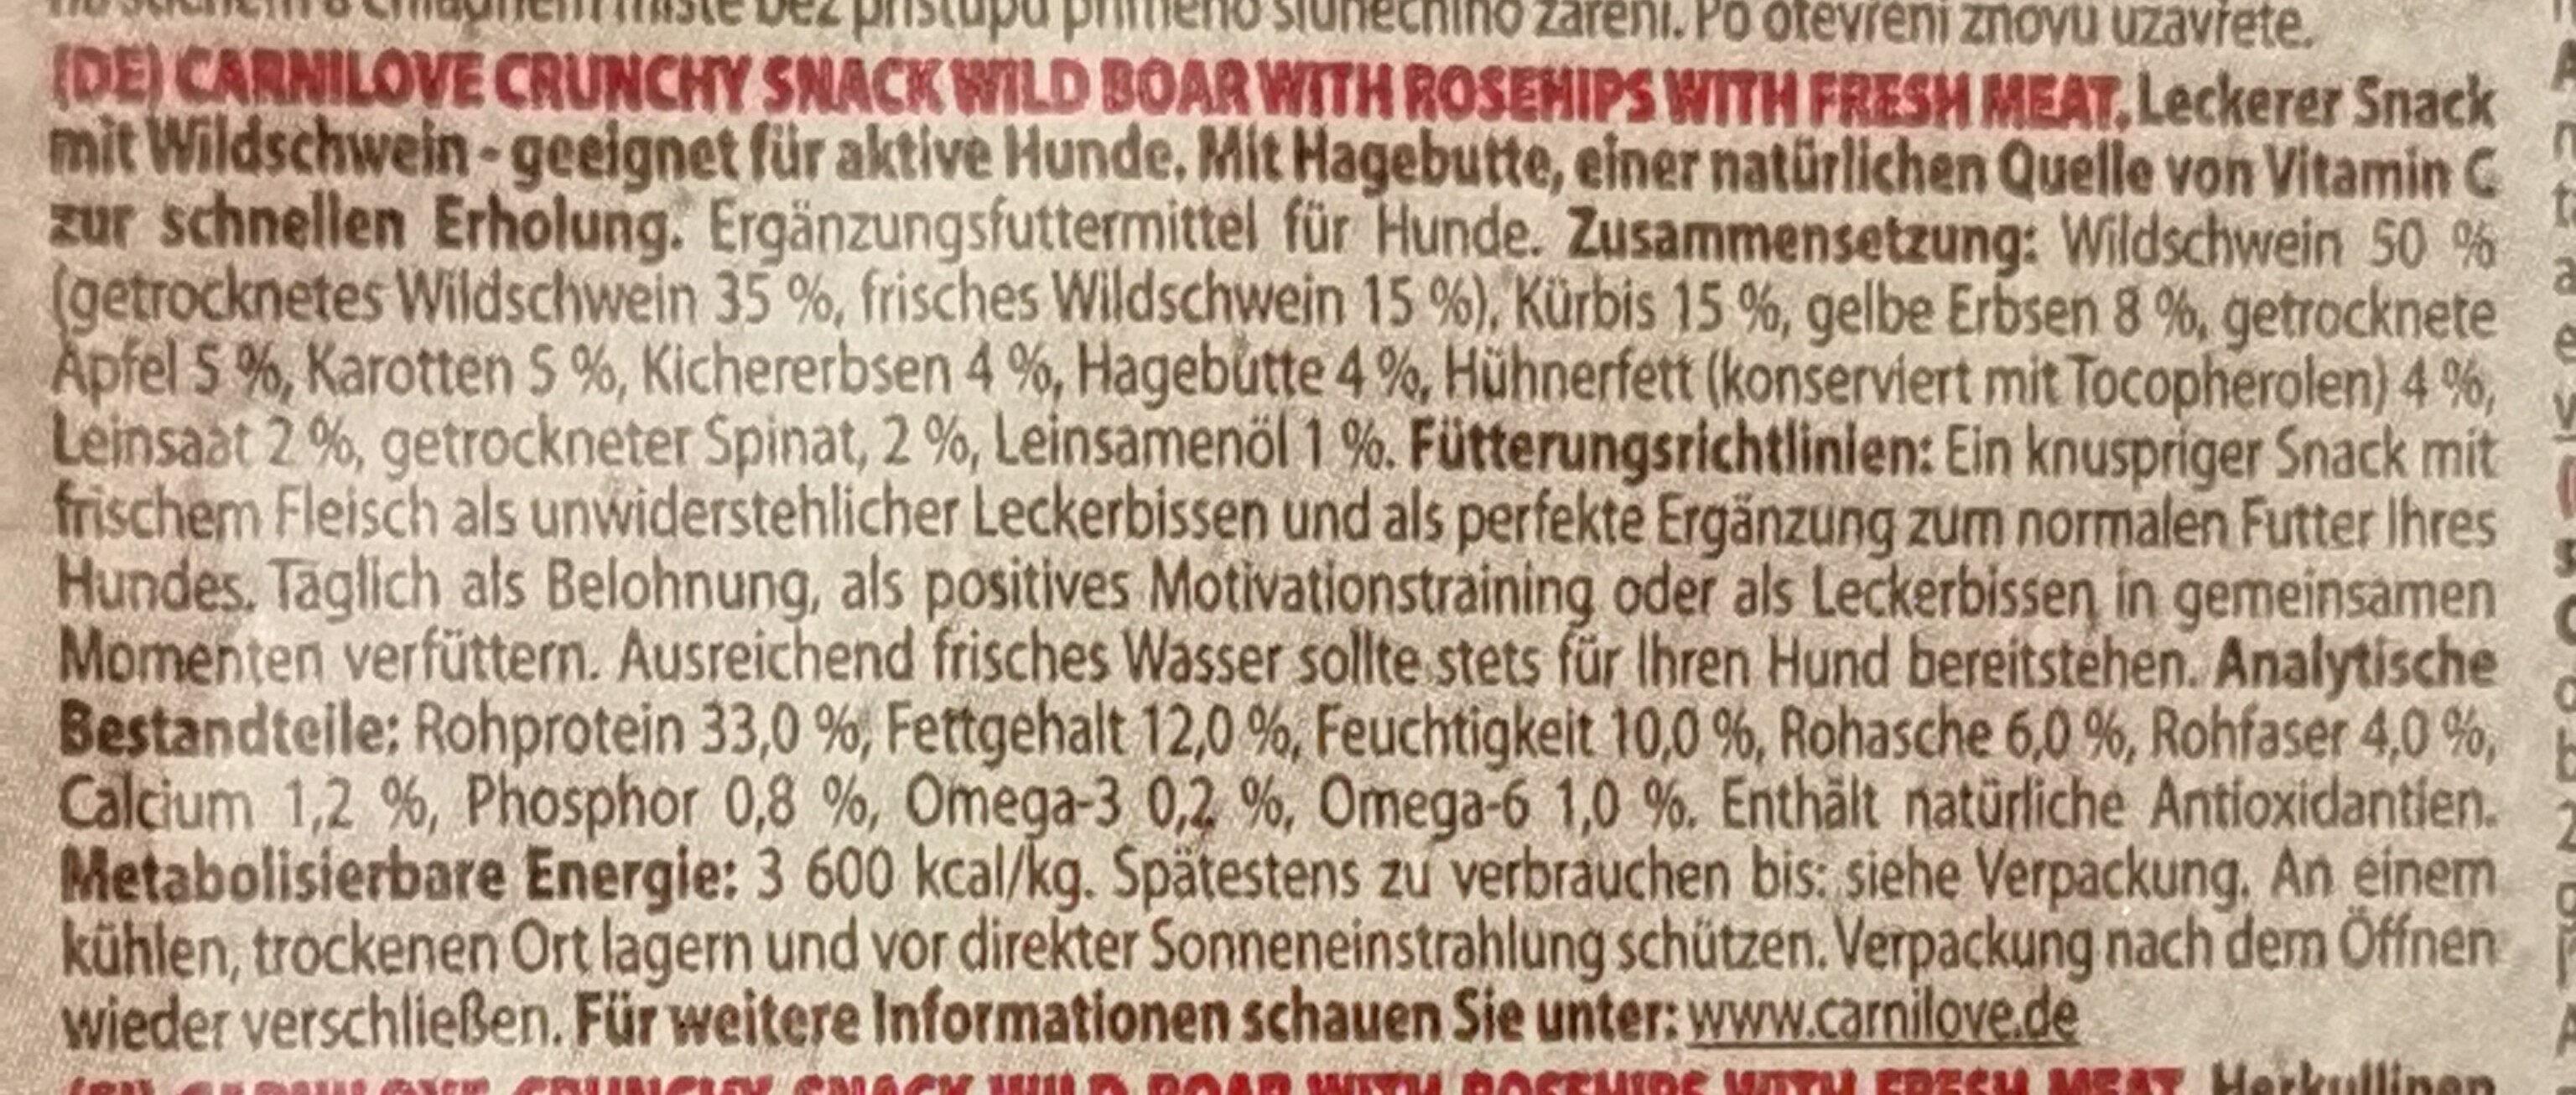 Wild Boar with Rosehips - Ingredients - de